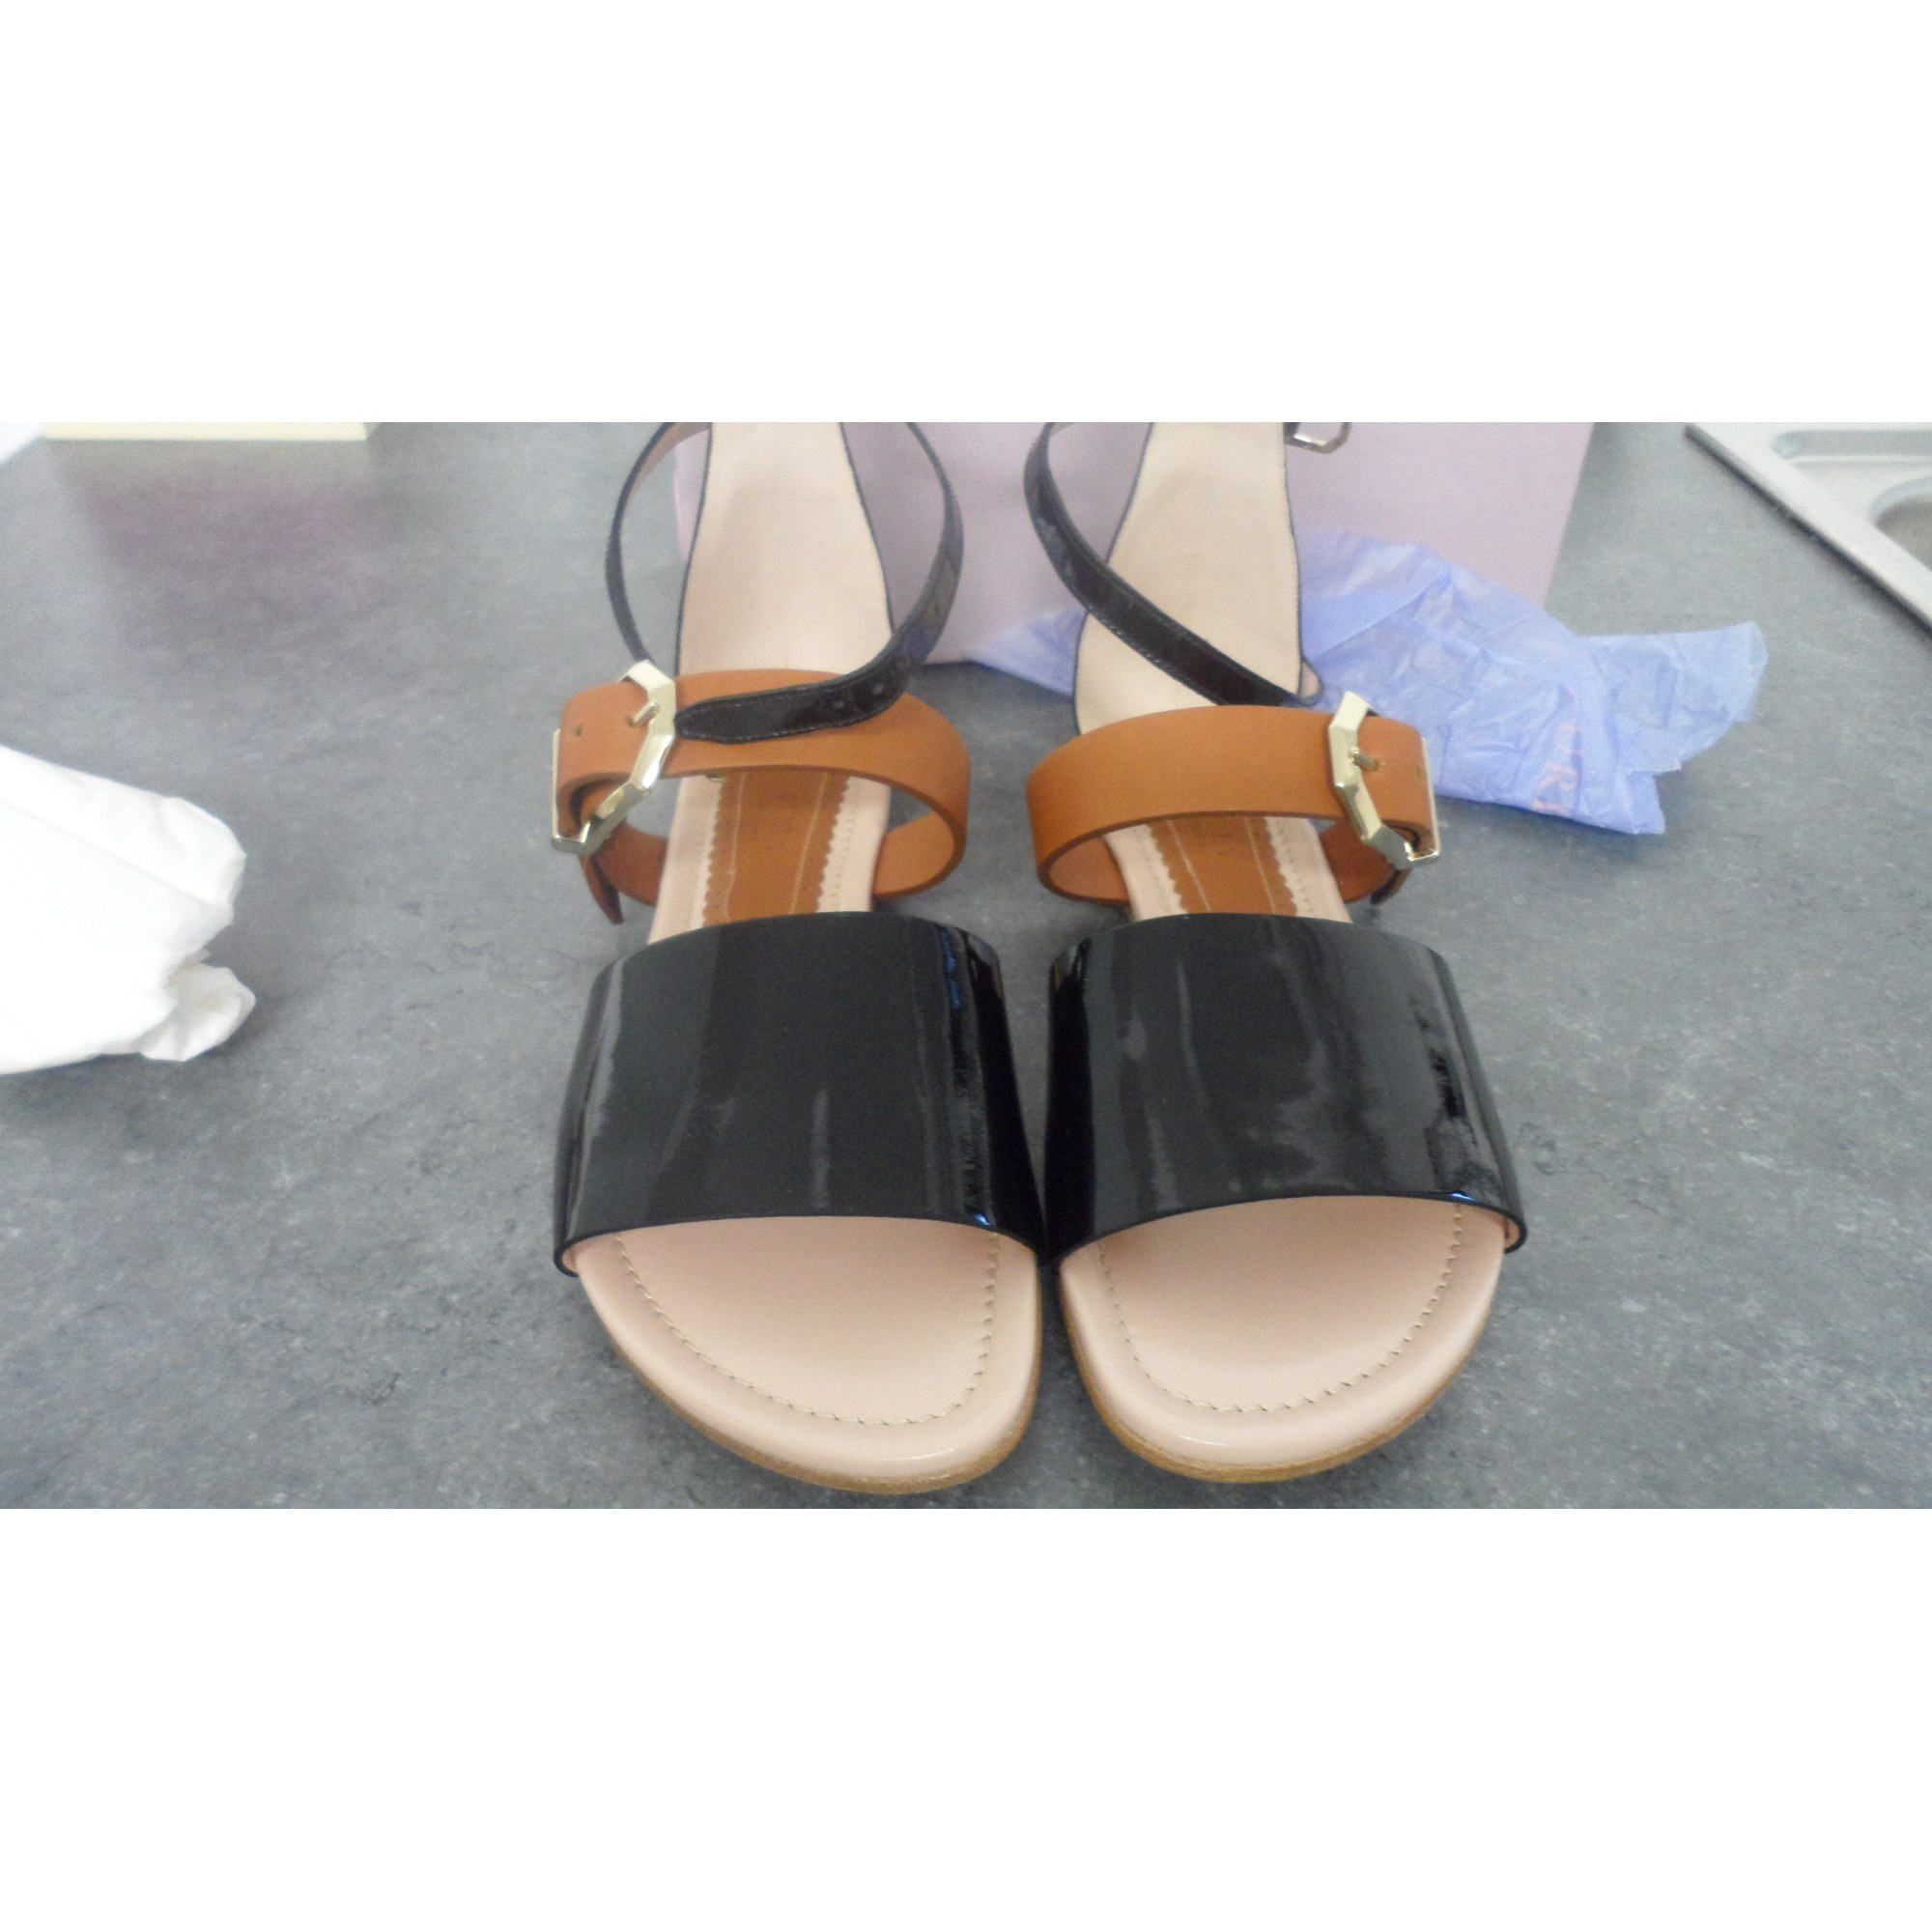 Sandales plates  FURLA vernie noir  et beige